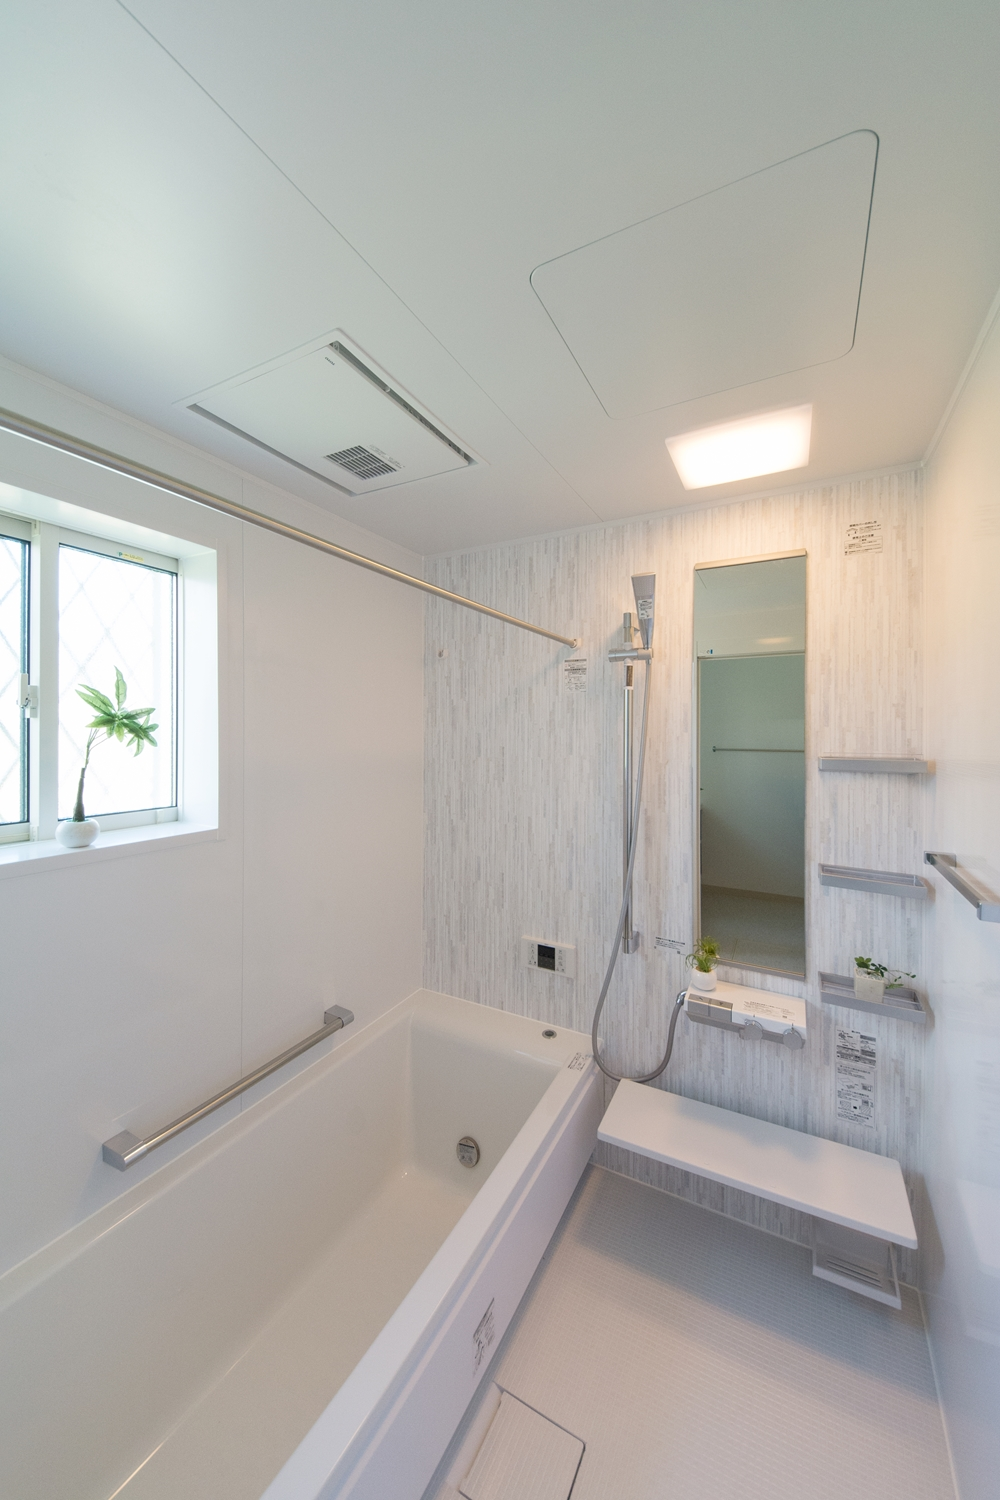 素材の温かみを感じる白木調アクセントパネルが、明るくやさしさのある空間を演出。